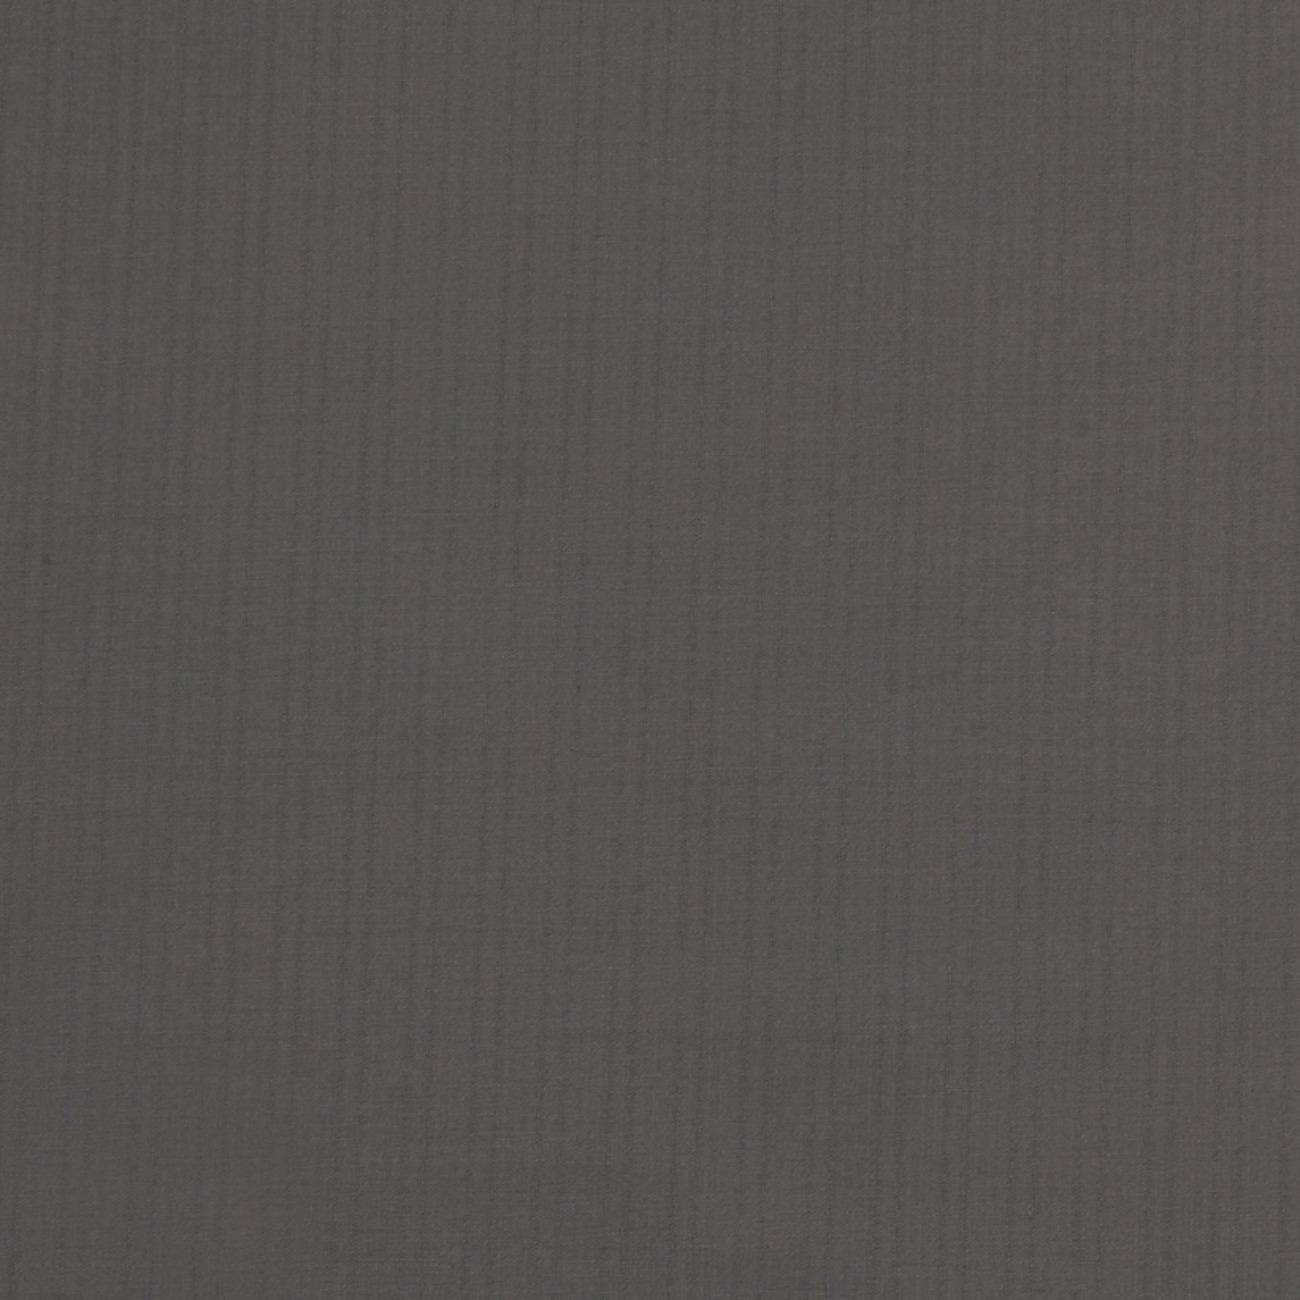 期货 素色竖条外套风衣无弹 夏 衬衣 连衣裙 61219-67